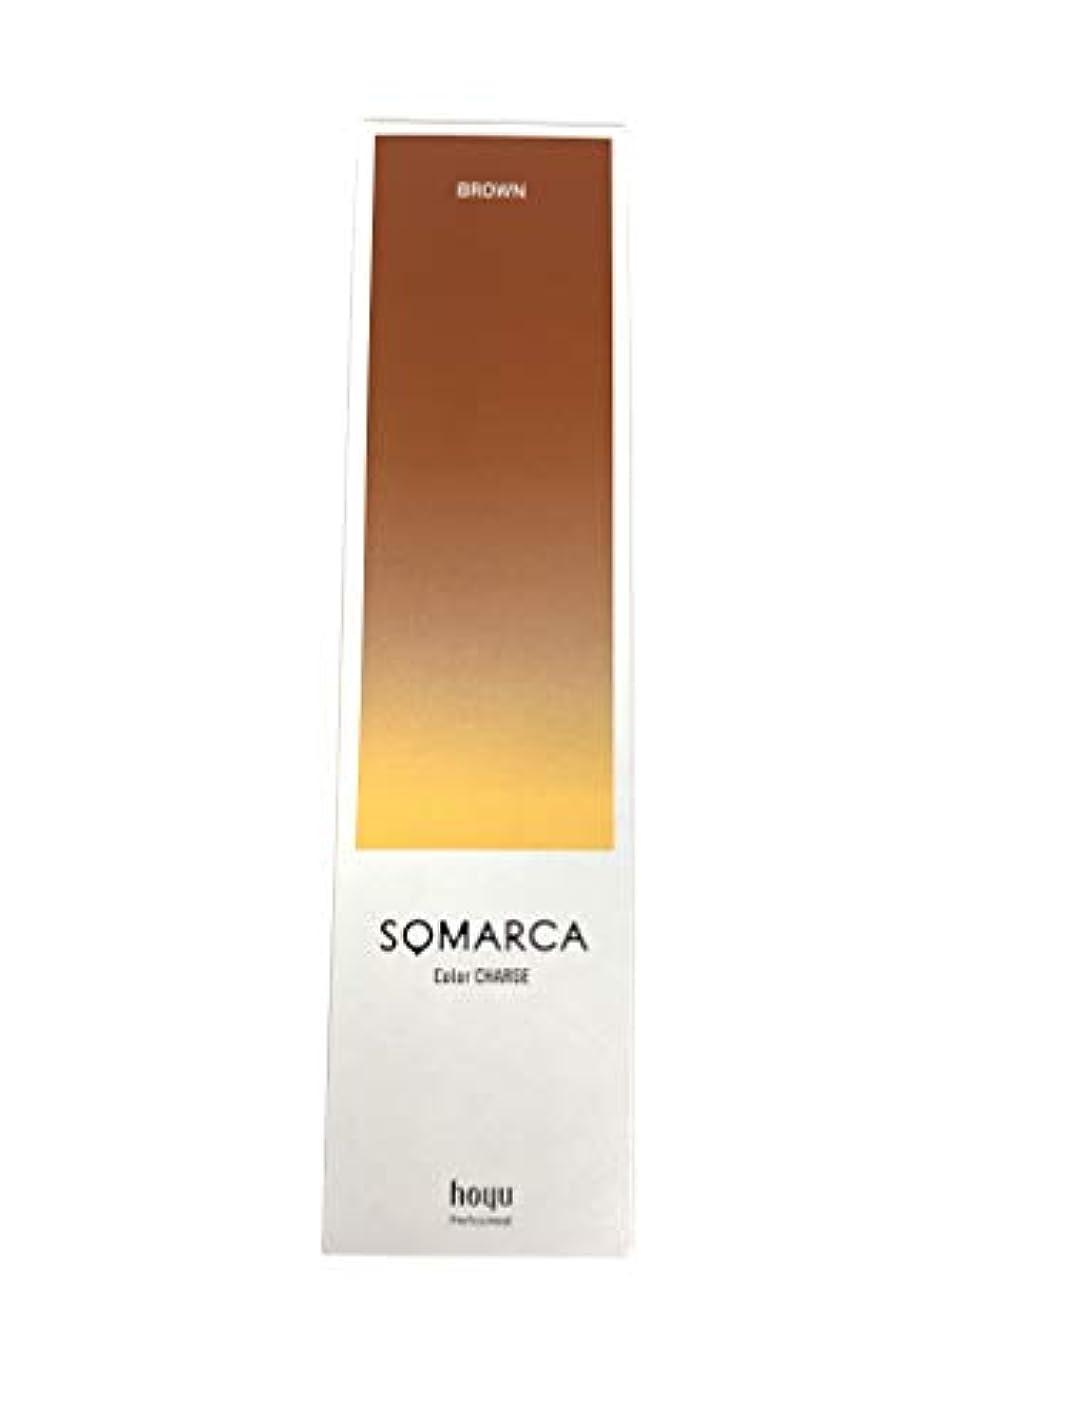 セマフォストレージ陽気なホーユー ソマルカ カラーチャージ ブラウン 130g